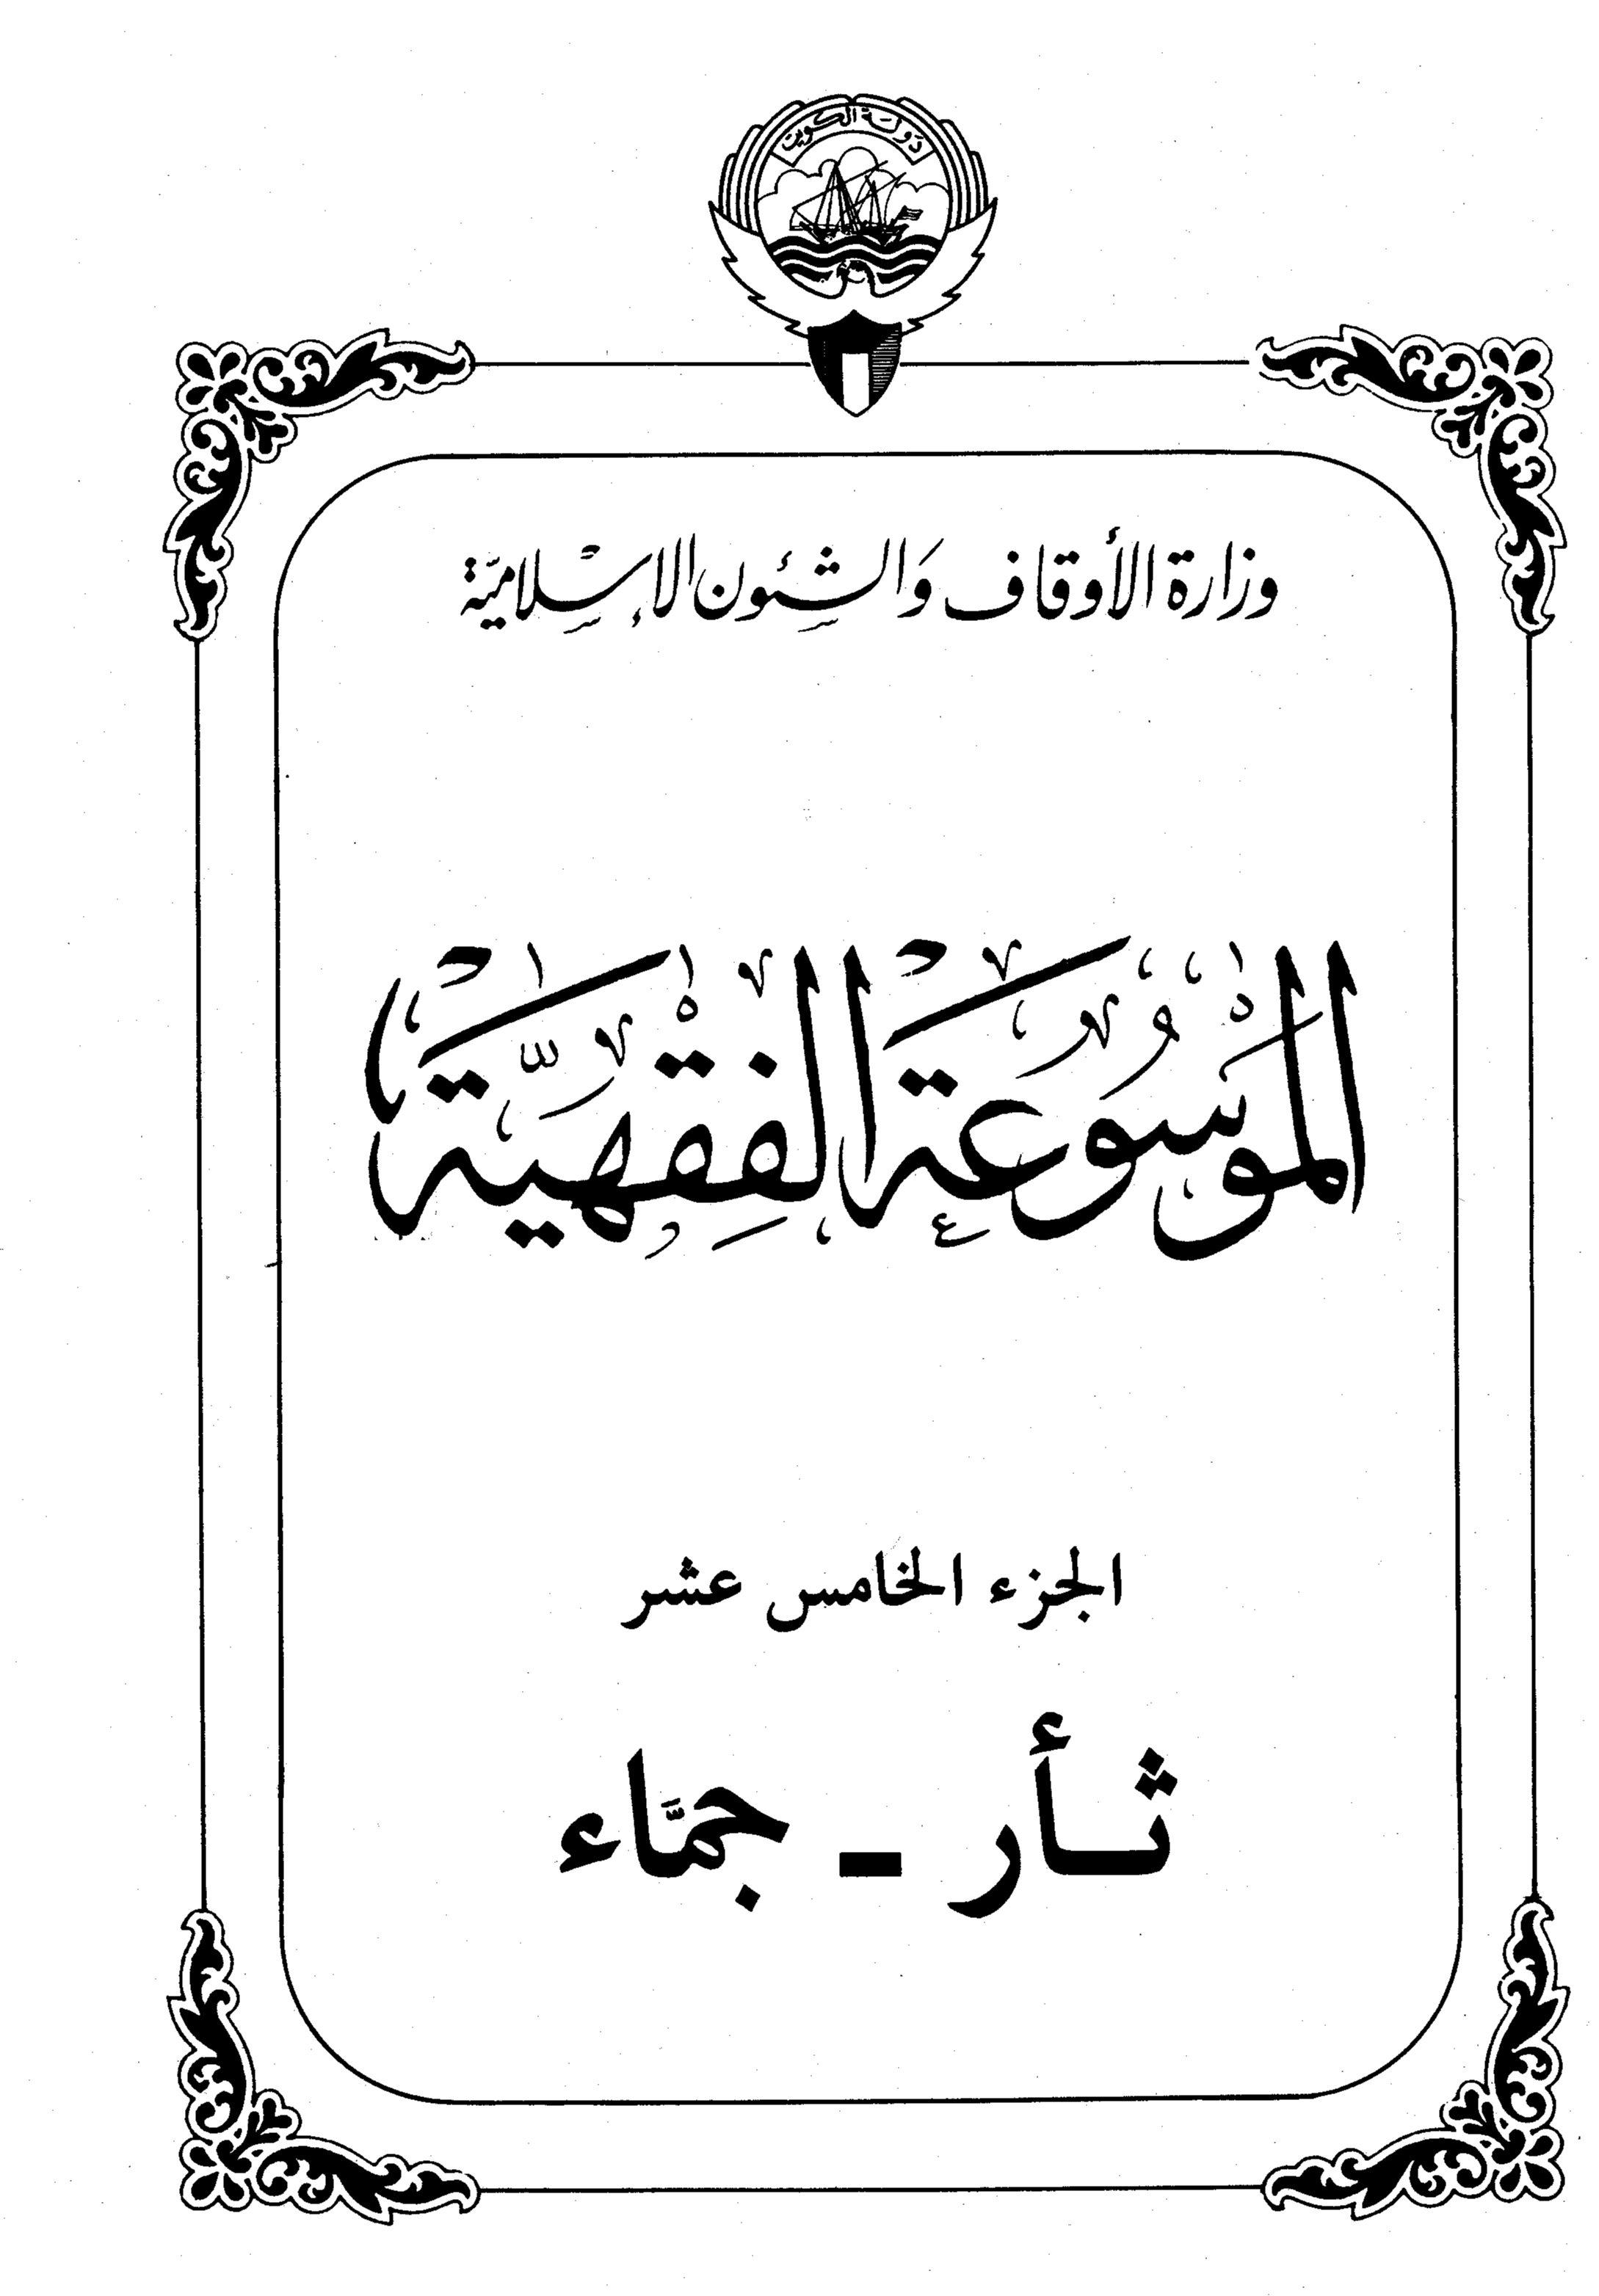 الموسوعة الفقهية الكويتية الجزء الخامس عشر (ثأر- جماء)